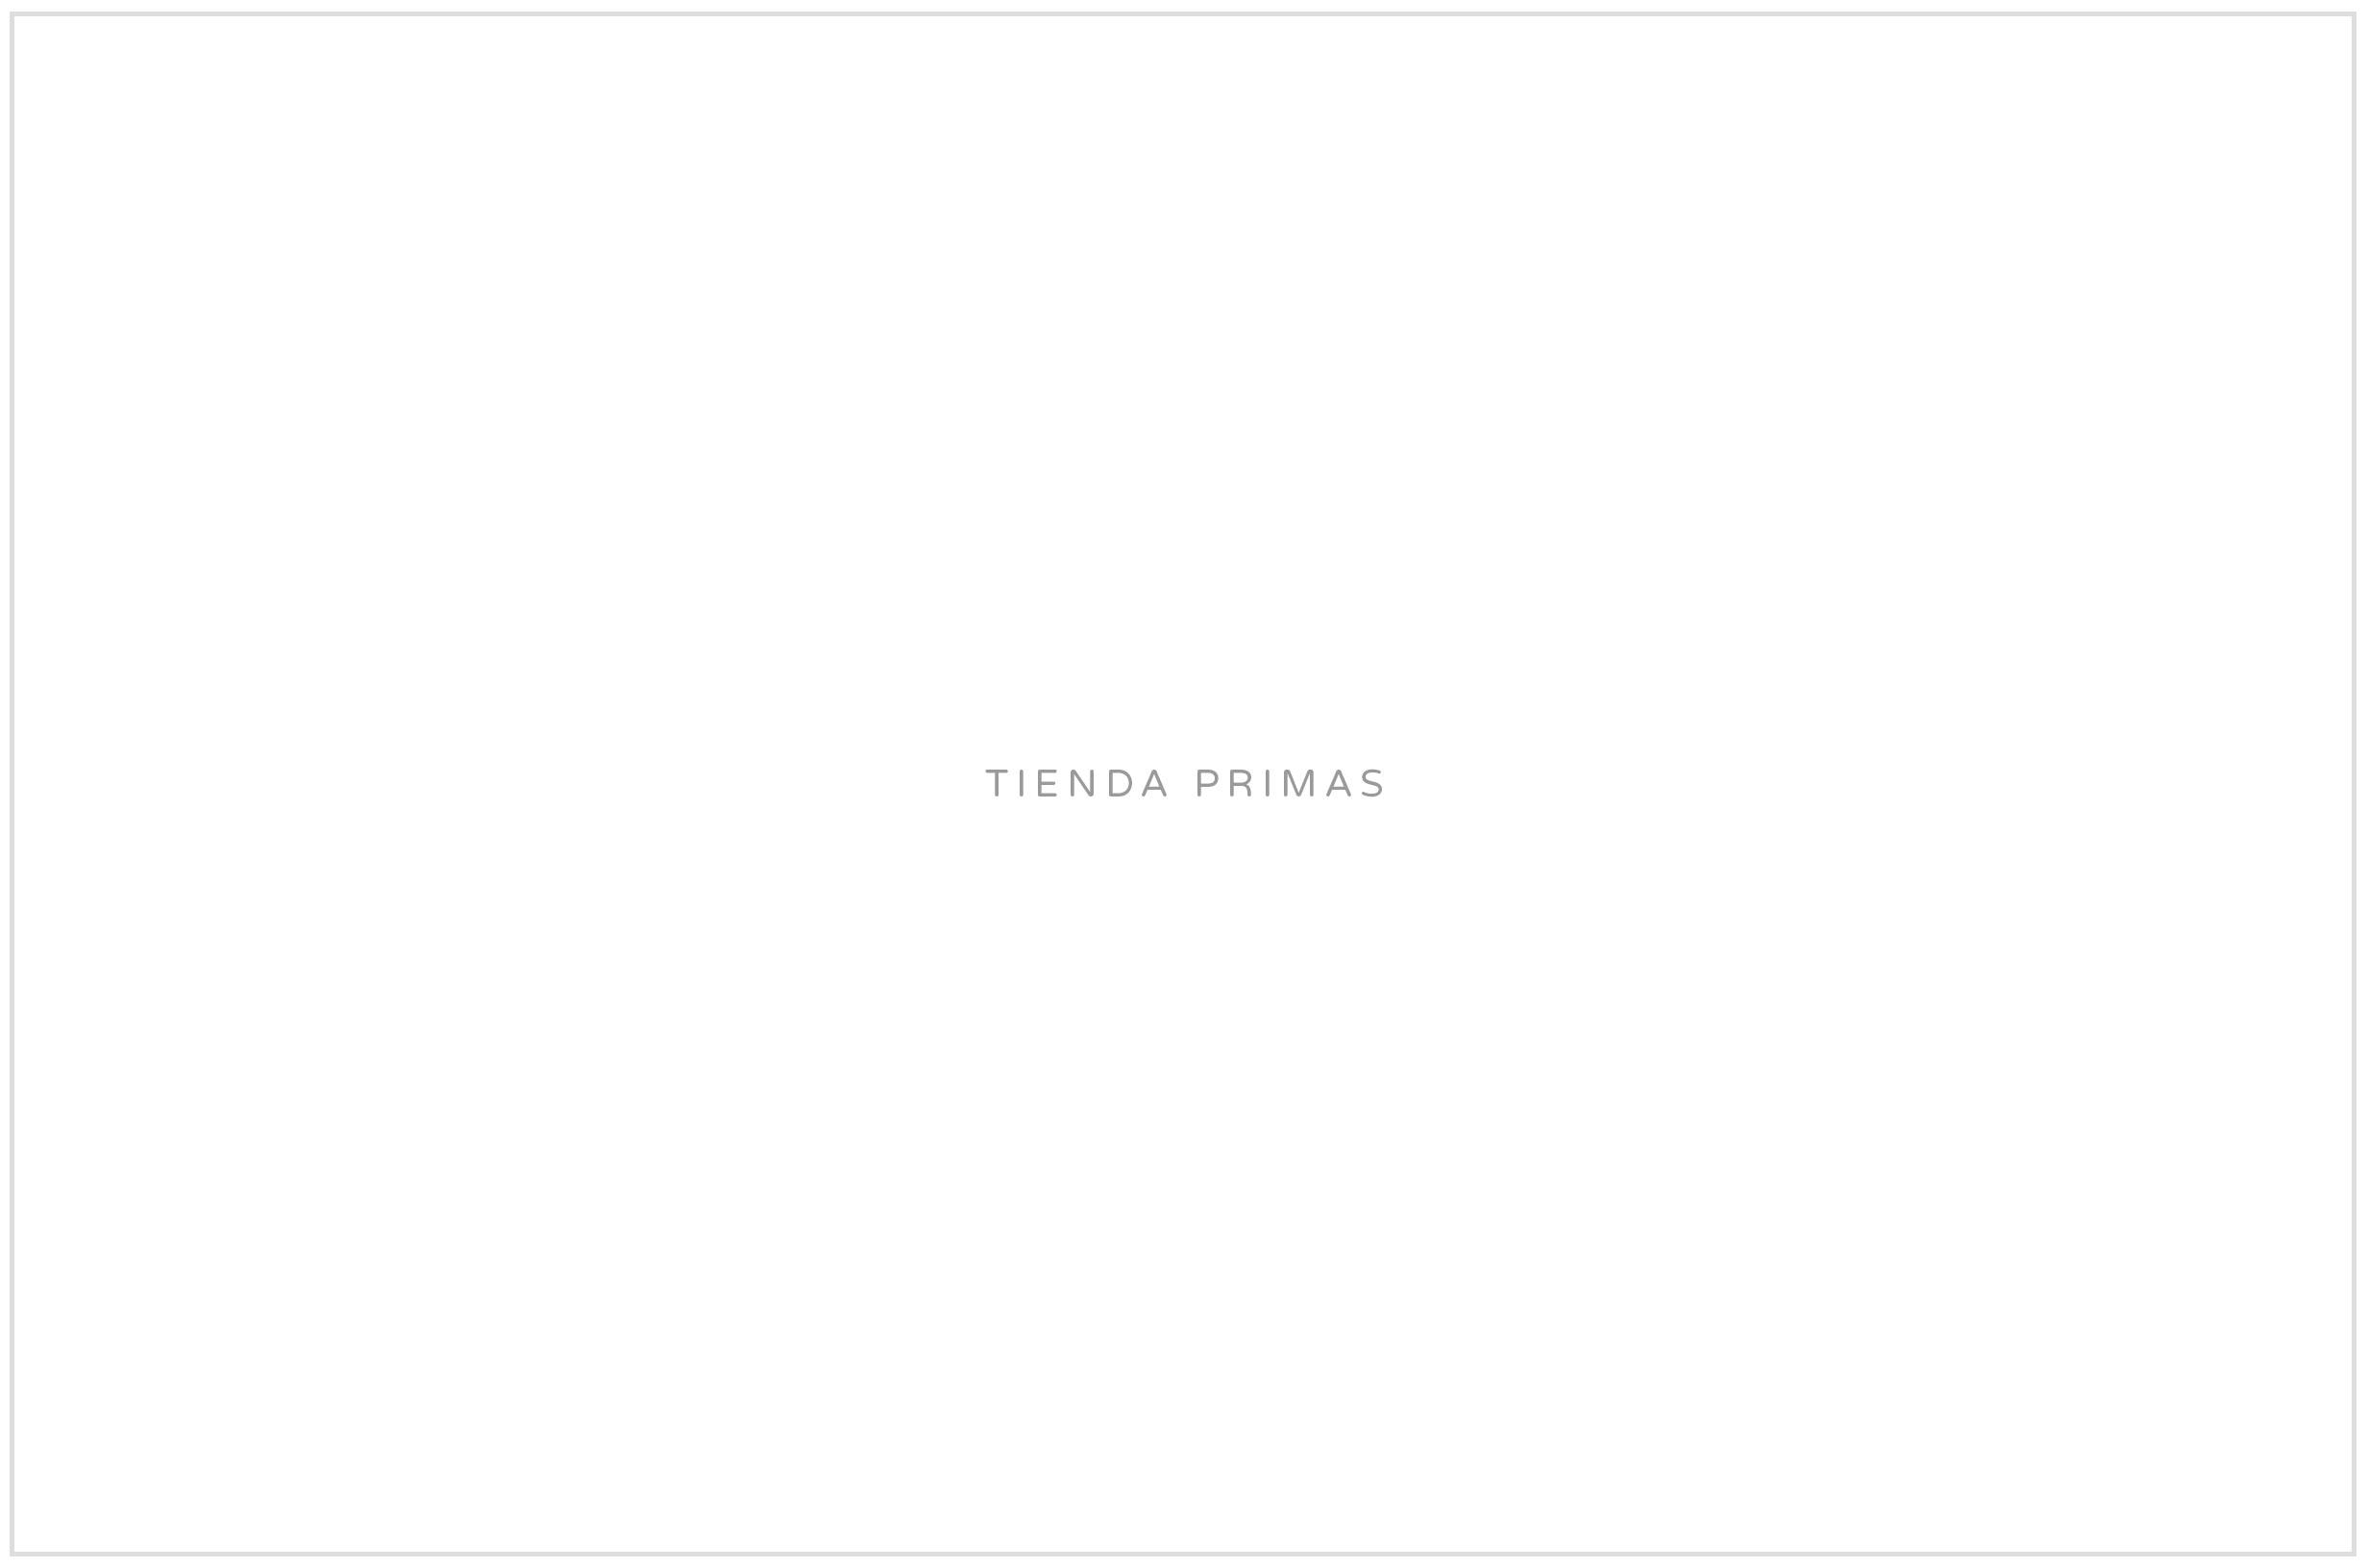 PLANTILLA-TITULOS.jpg